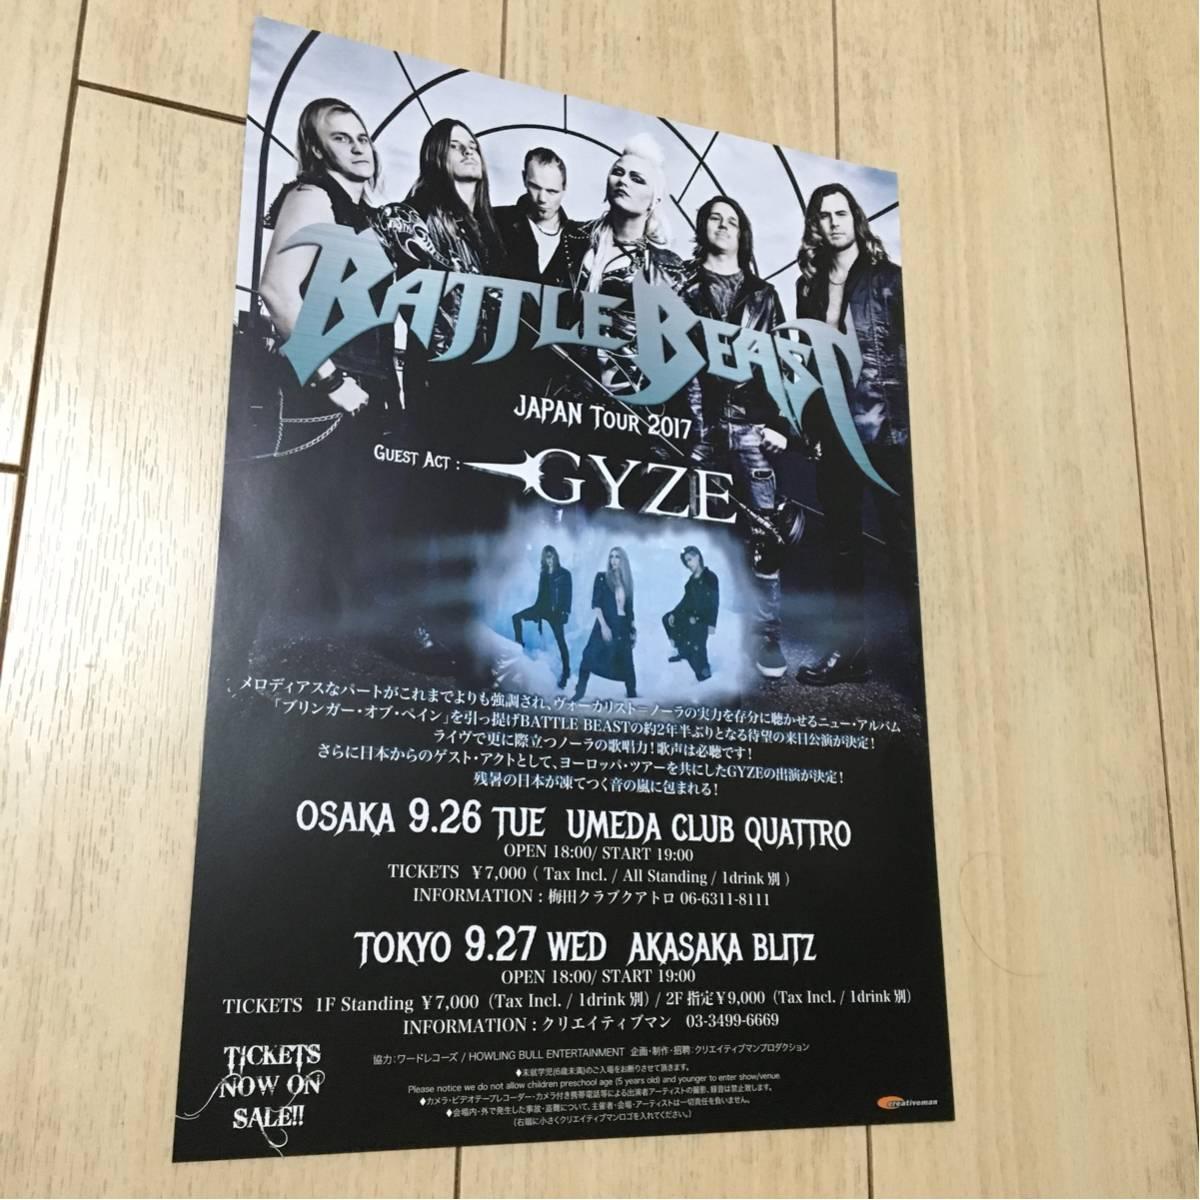 battle beast ライブ 告知 チラシ バトル ビースト japan tour 2017 フィンランド ヘヴィ メタル 来日 ゲスト gyze